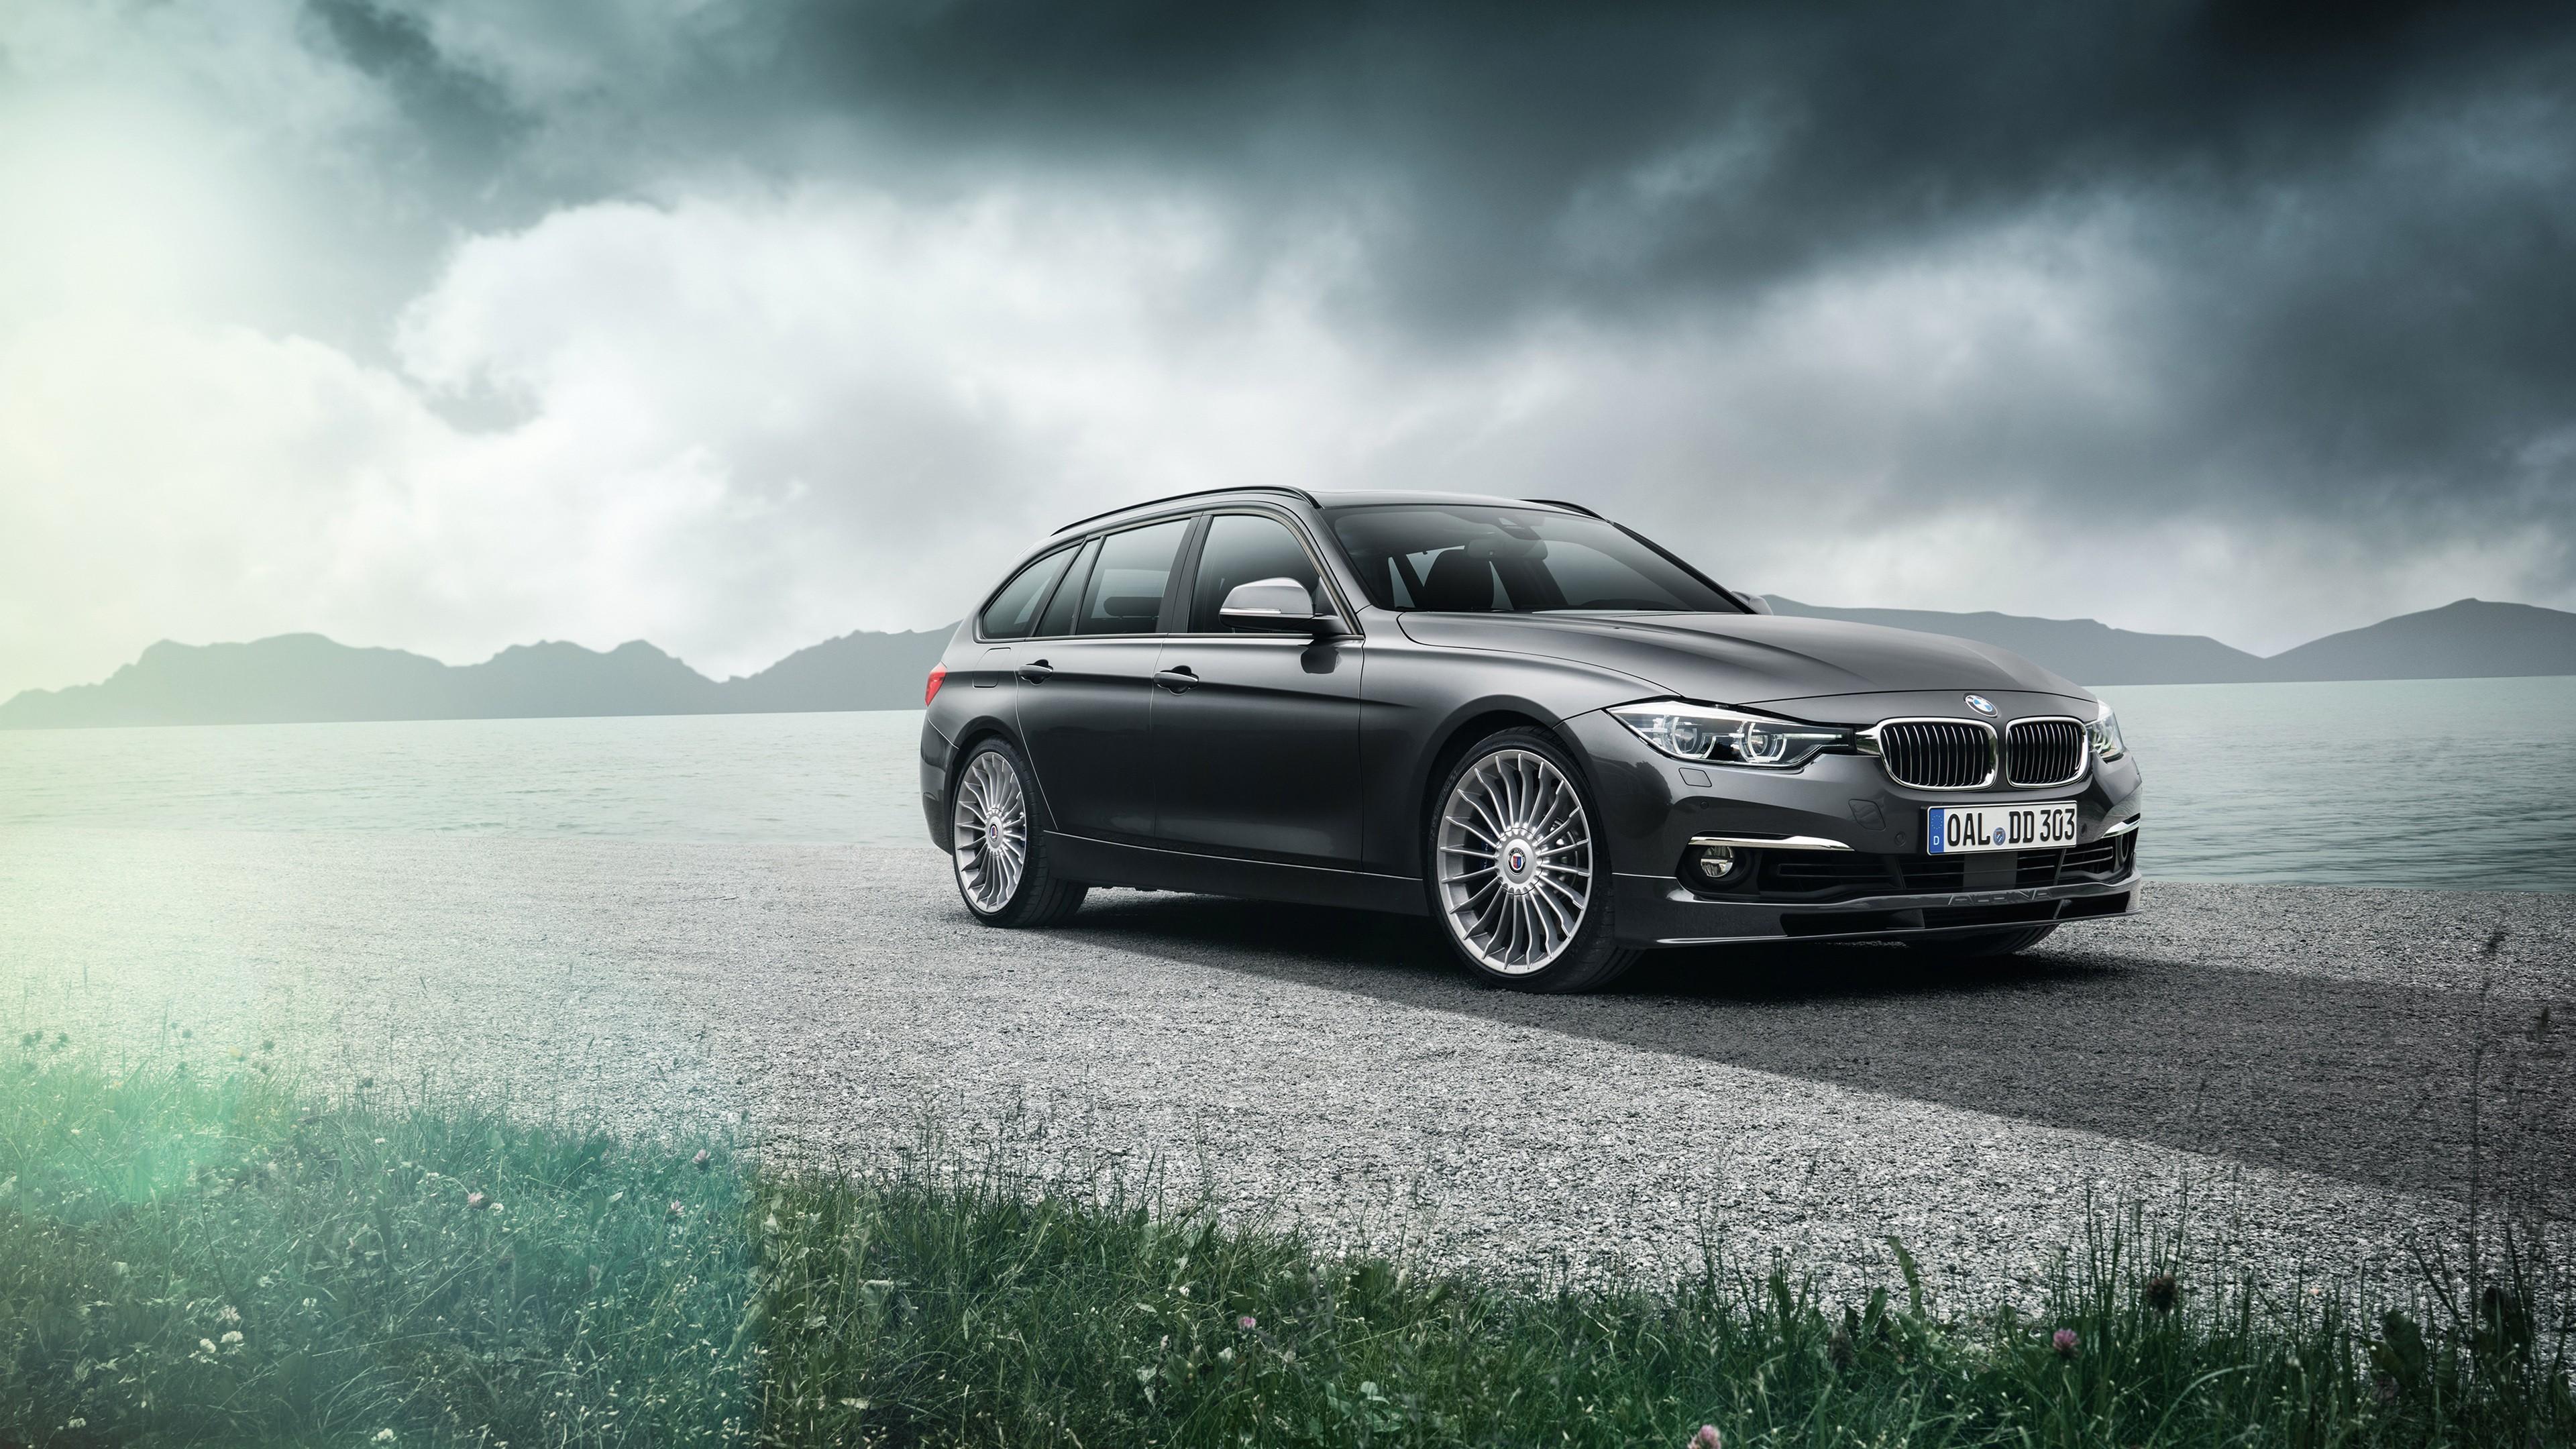 2015 Alpina D3 BMW 3 Series Wallpaper | HD Car Wallpapers ...